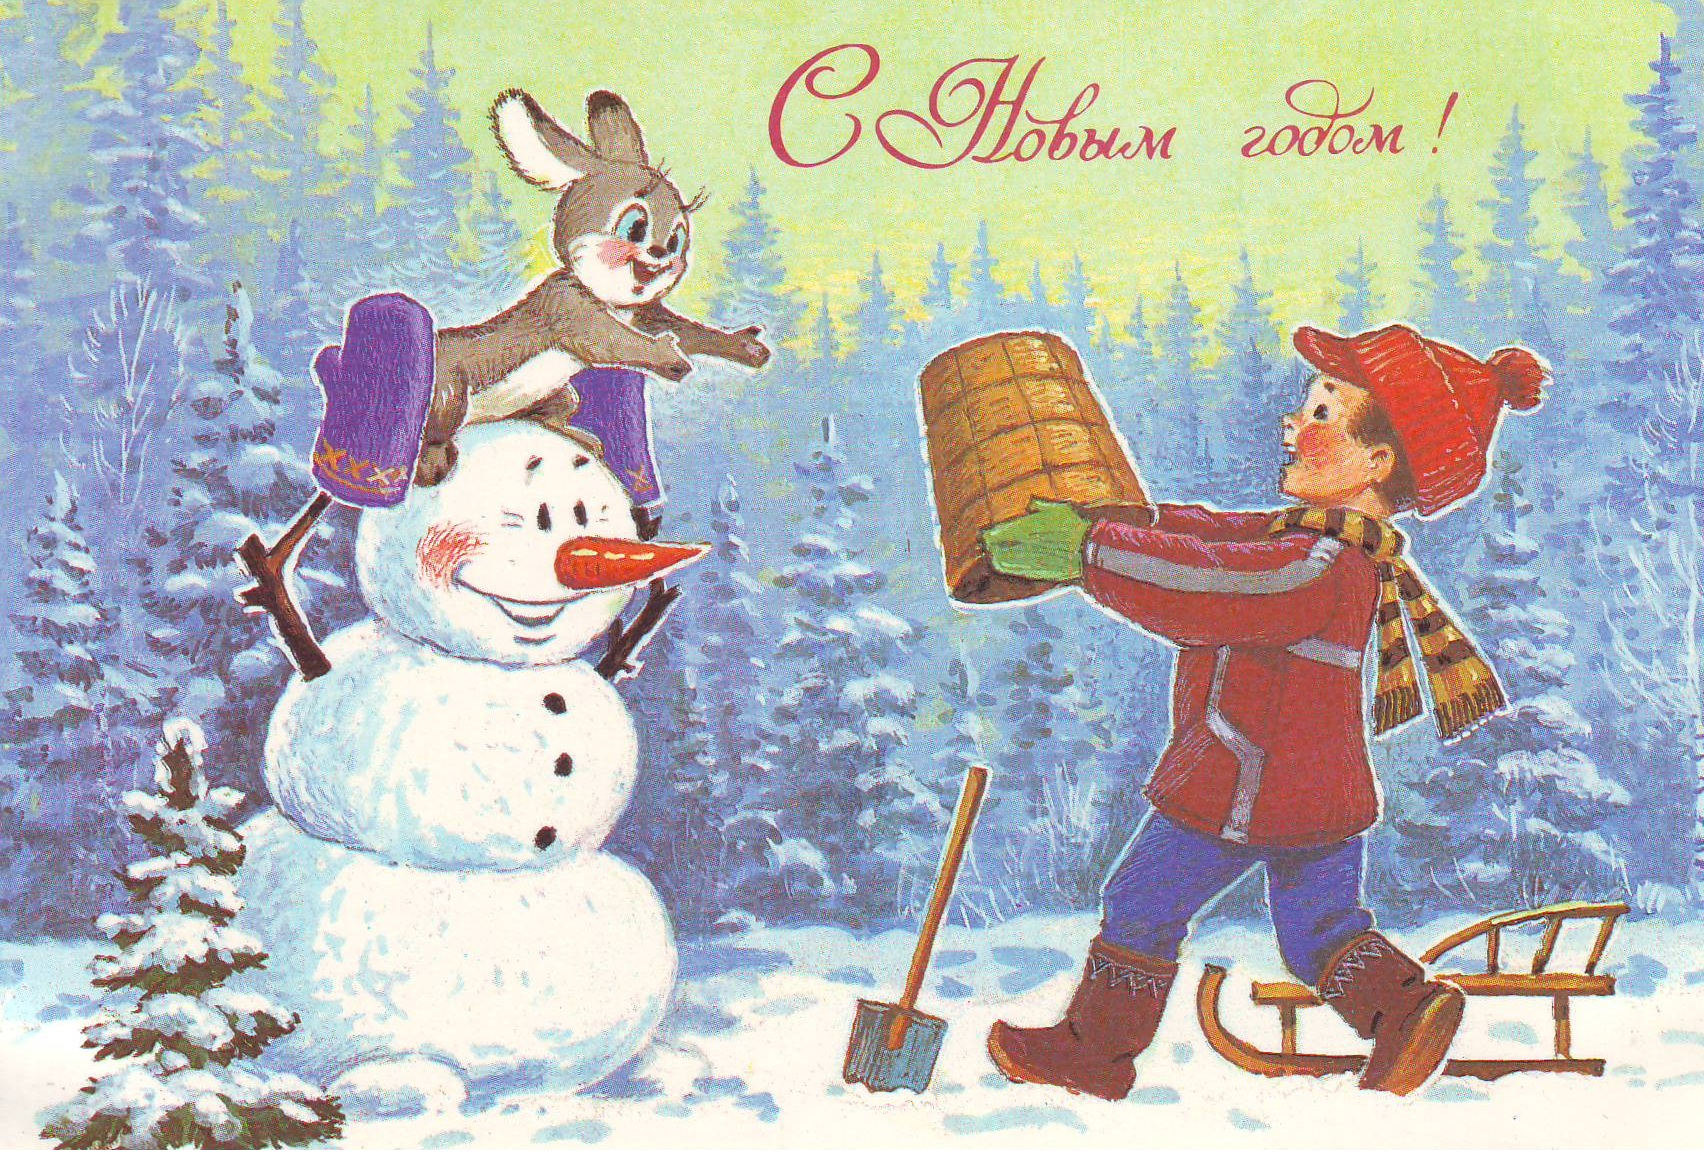 Новогодние открытки. Огромная новогодняя открытка, которую Вы можете отправить своим друзьям и коллегам, чтобы поздравить их с наступающим Новым годом. Кроме того, эта новогодняя открытка может стать основой для создания новогодней открытки своими руками. Здесь мы видим, как маленький мальчик, вместе с лесным зайчишкой, лепят снеговика на фоне зимнего леса. Снеговик уже почти готов – осталось лишь надеть на него головной убор – ведро, которое малыш привёз на санках из дома.